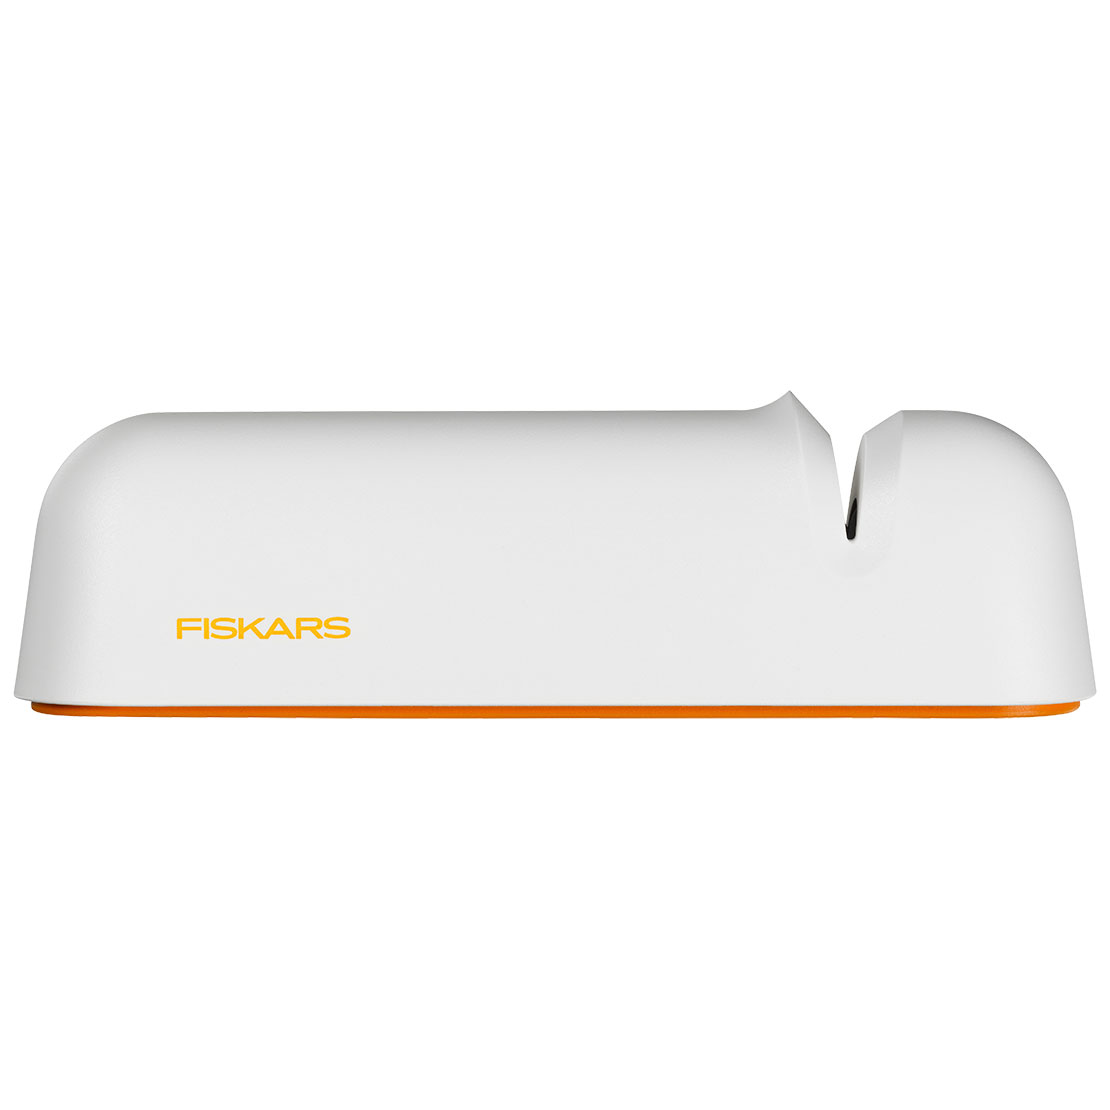 1014214-Fiskars-FunctionalForm-Roll-Sharp.jpg